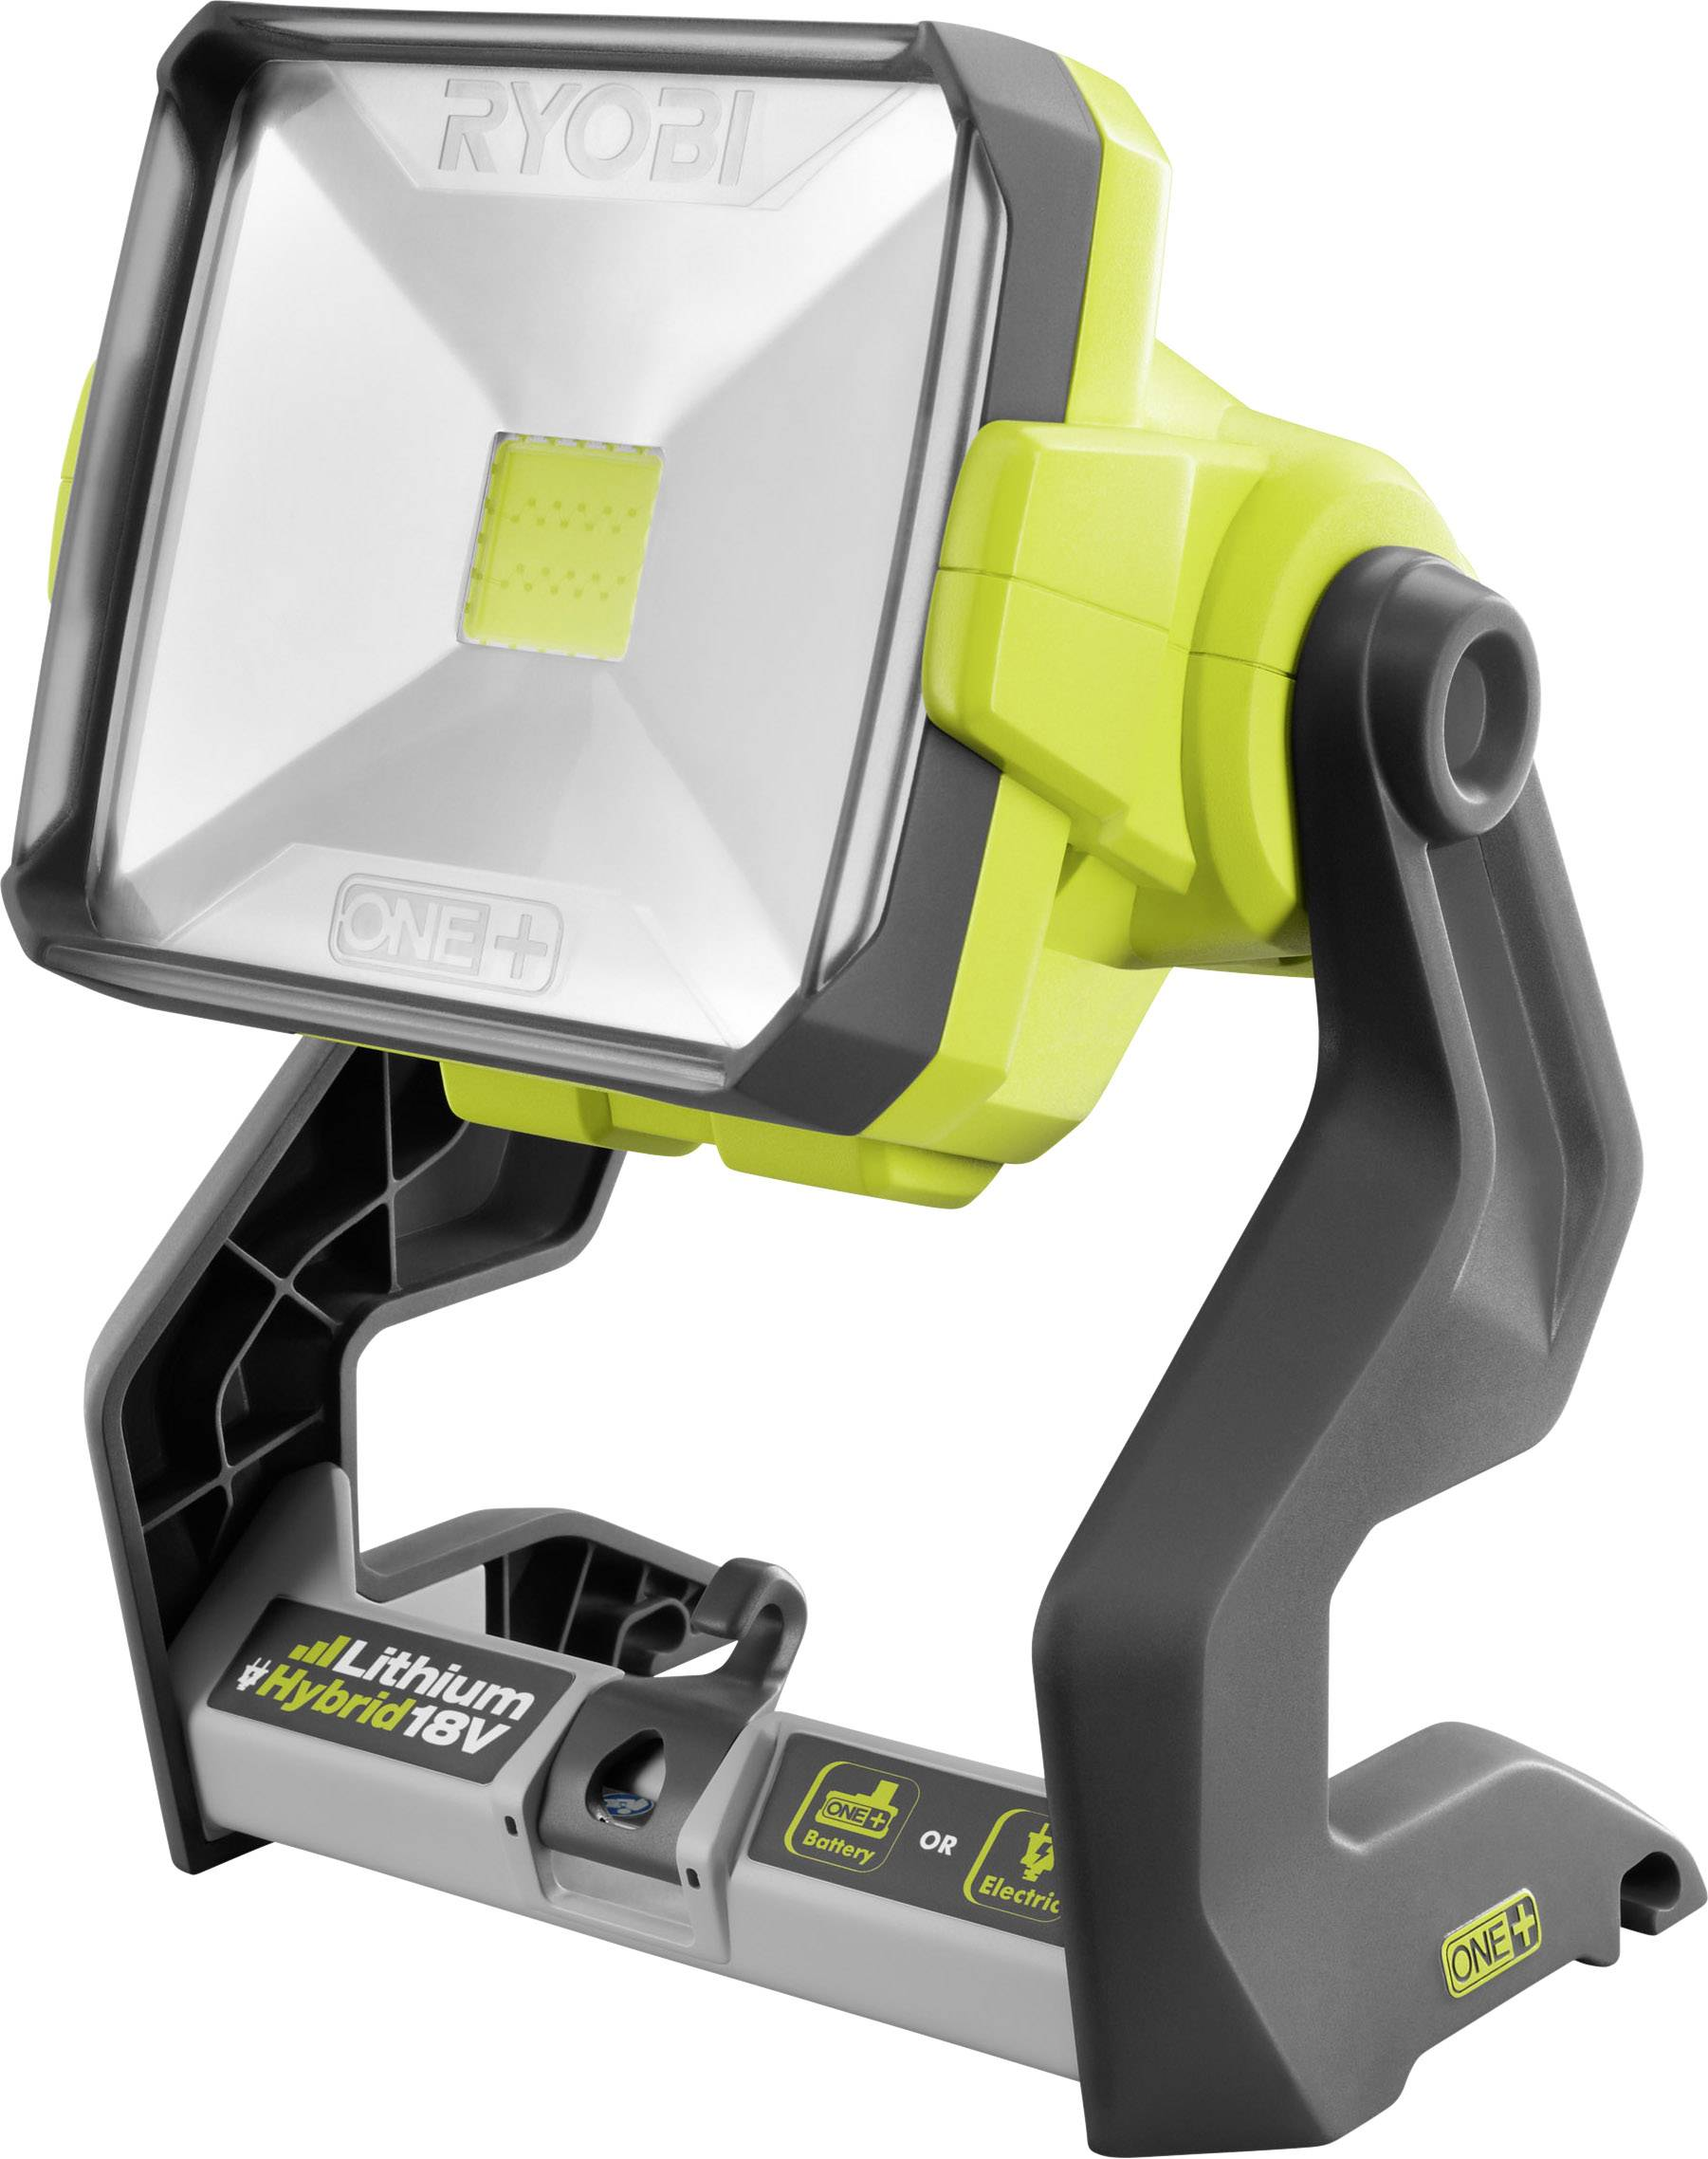 Stavební LED reflektor R18ALH-0 Ryobi 5133002339 LED zelená, černá